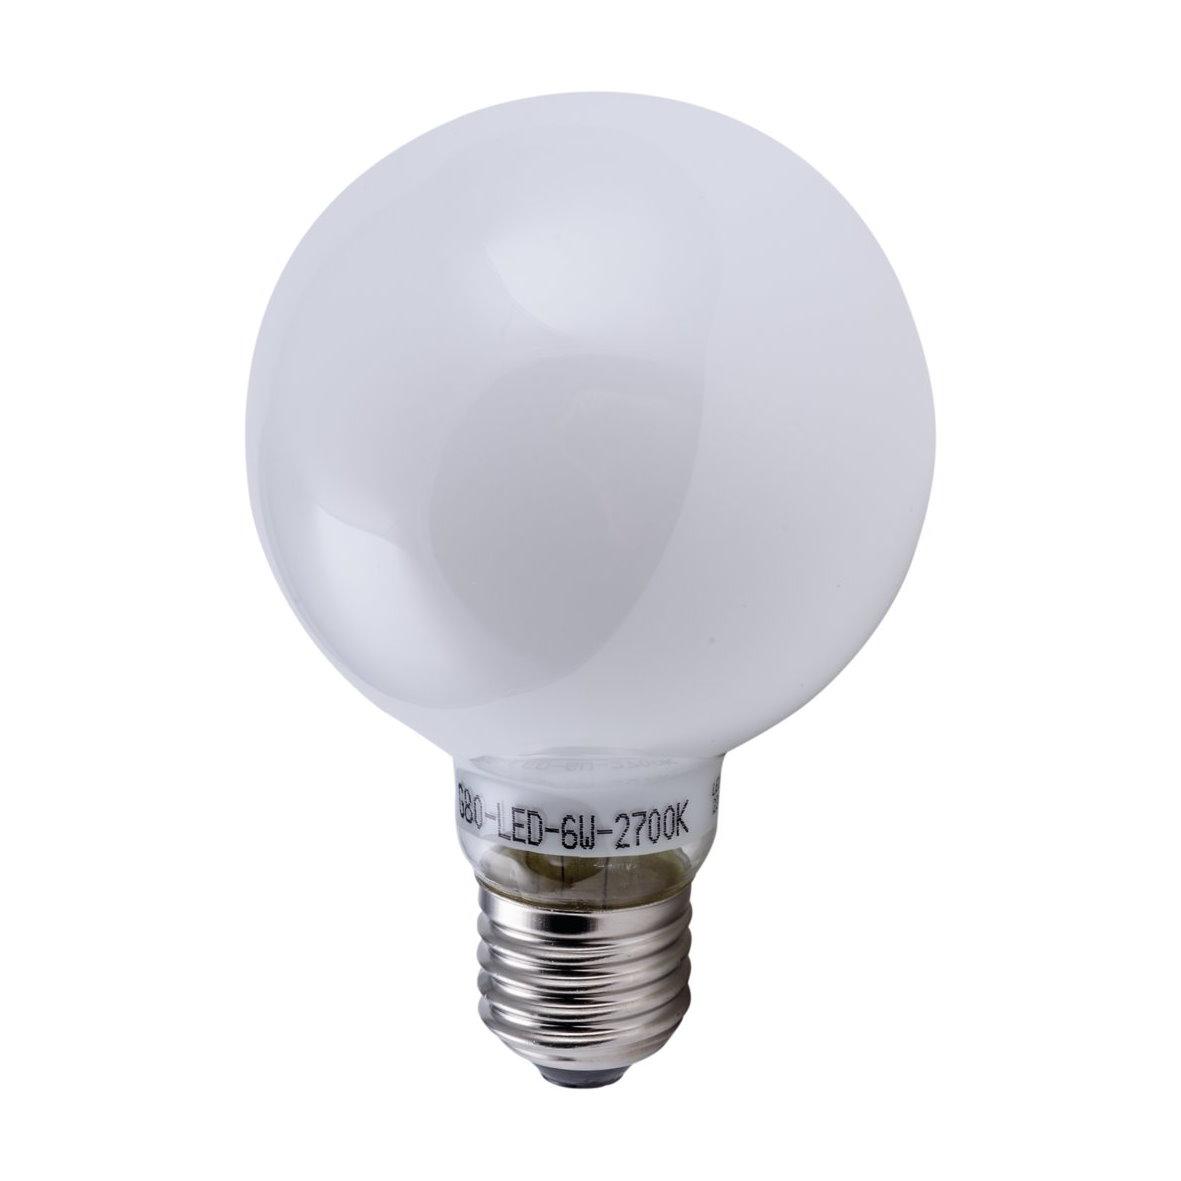 tageslichtlampe pflanzen 105 watt 525 watt tageslicht e27 lampe leuchte birne ebay. Black Bedroom Furniture Sets. Home Design Ideas